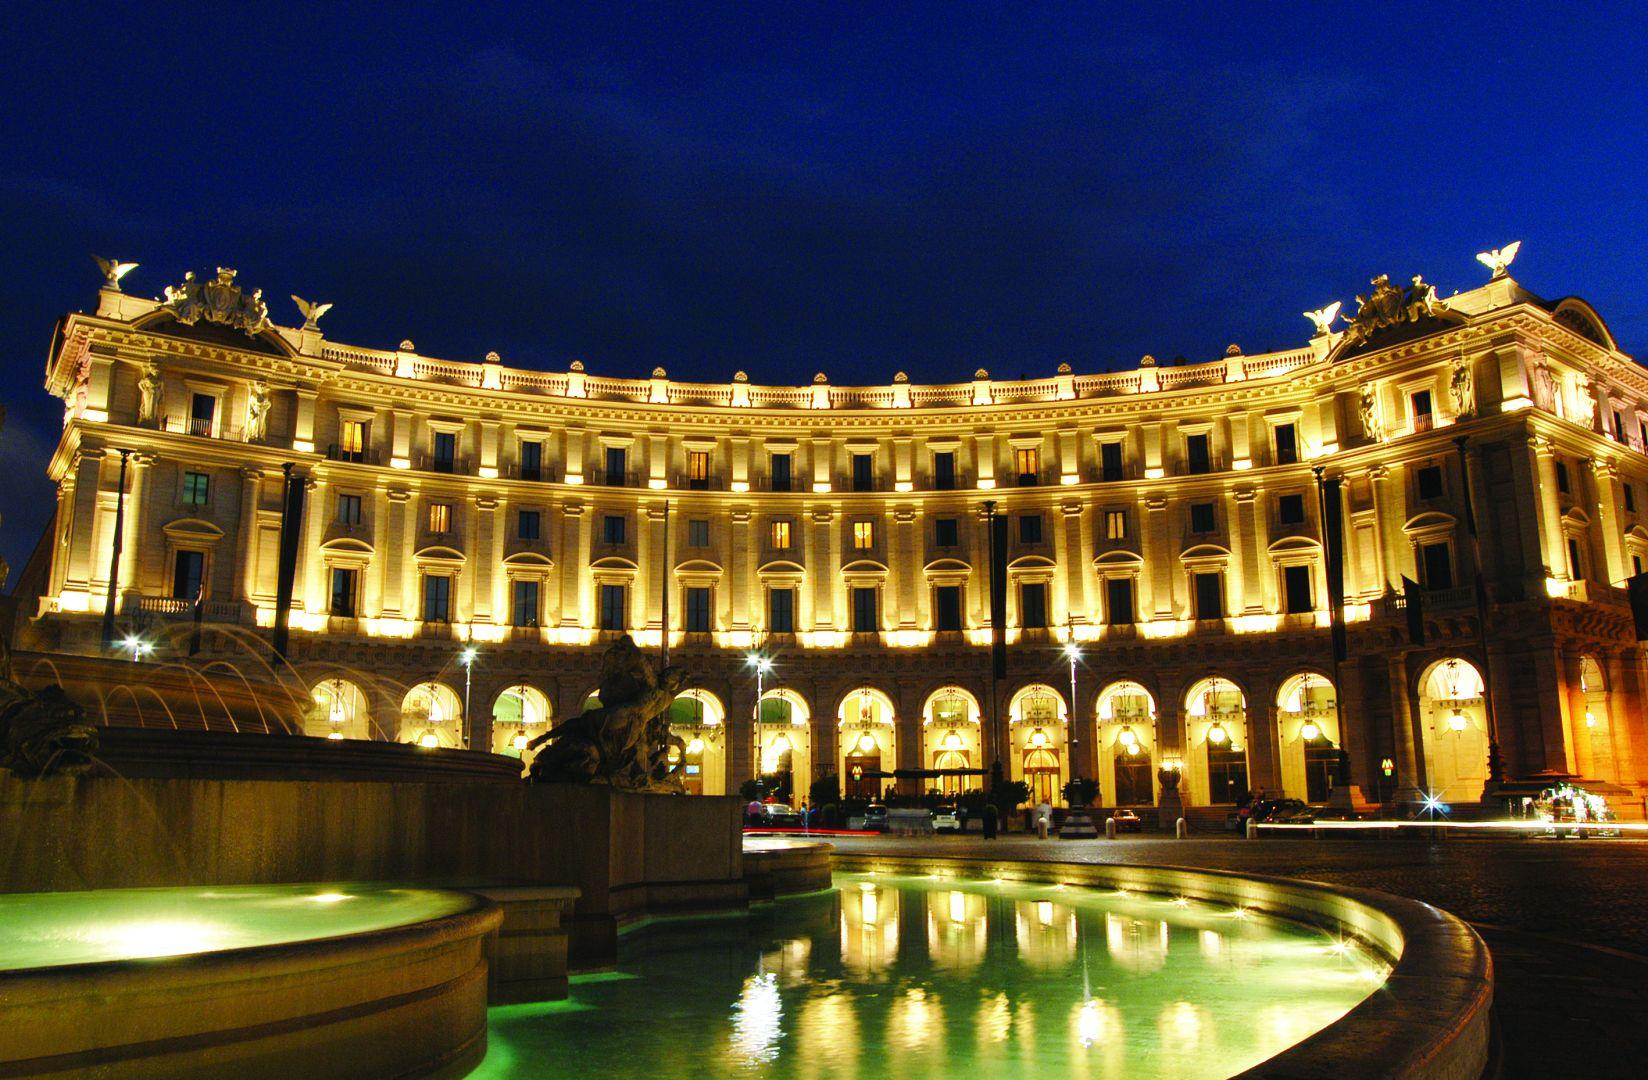 Hotel Exedra Rome